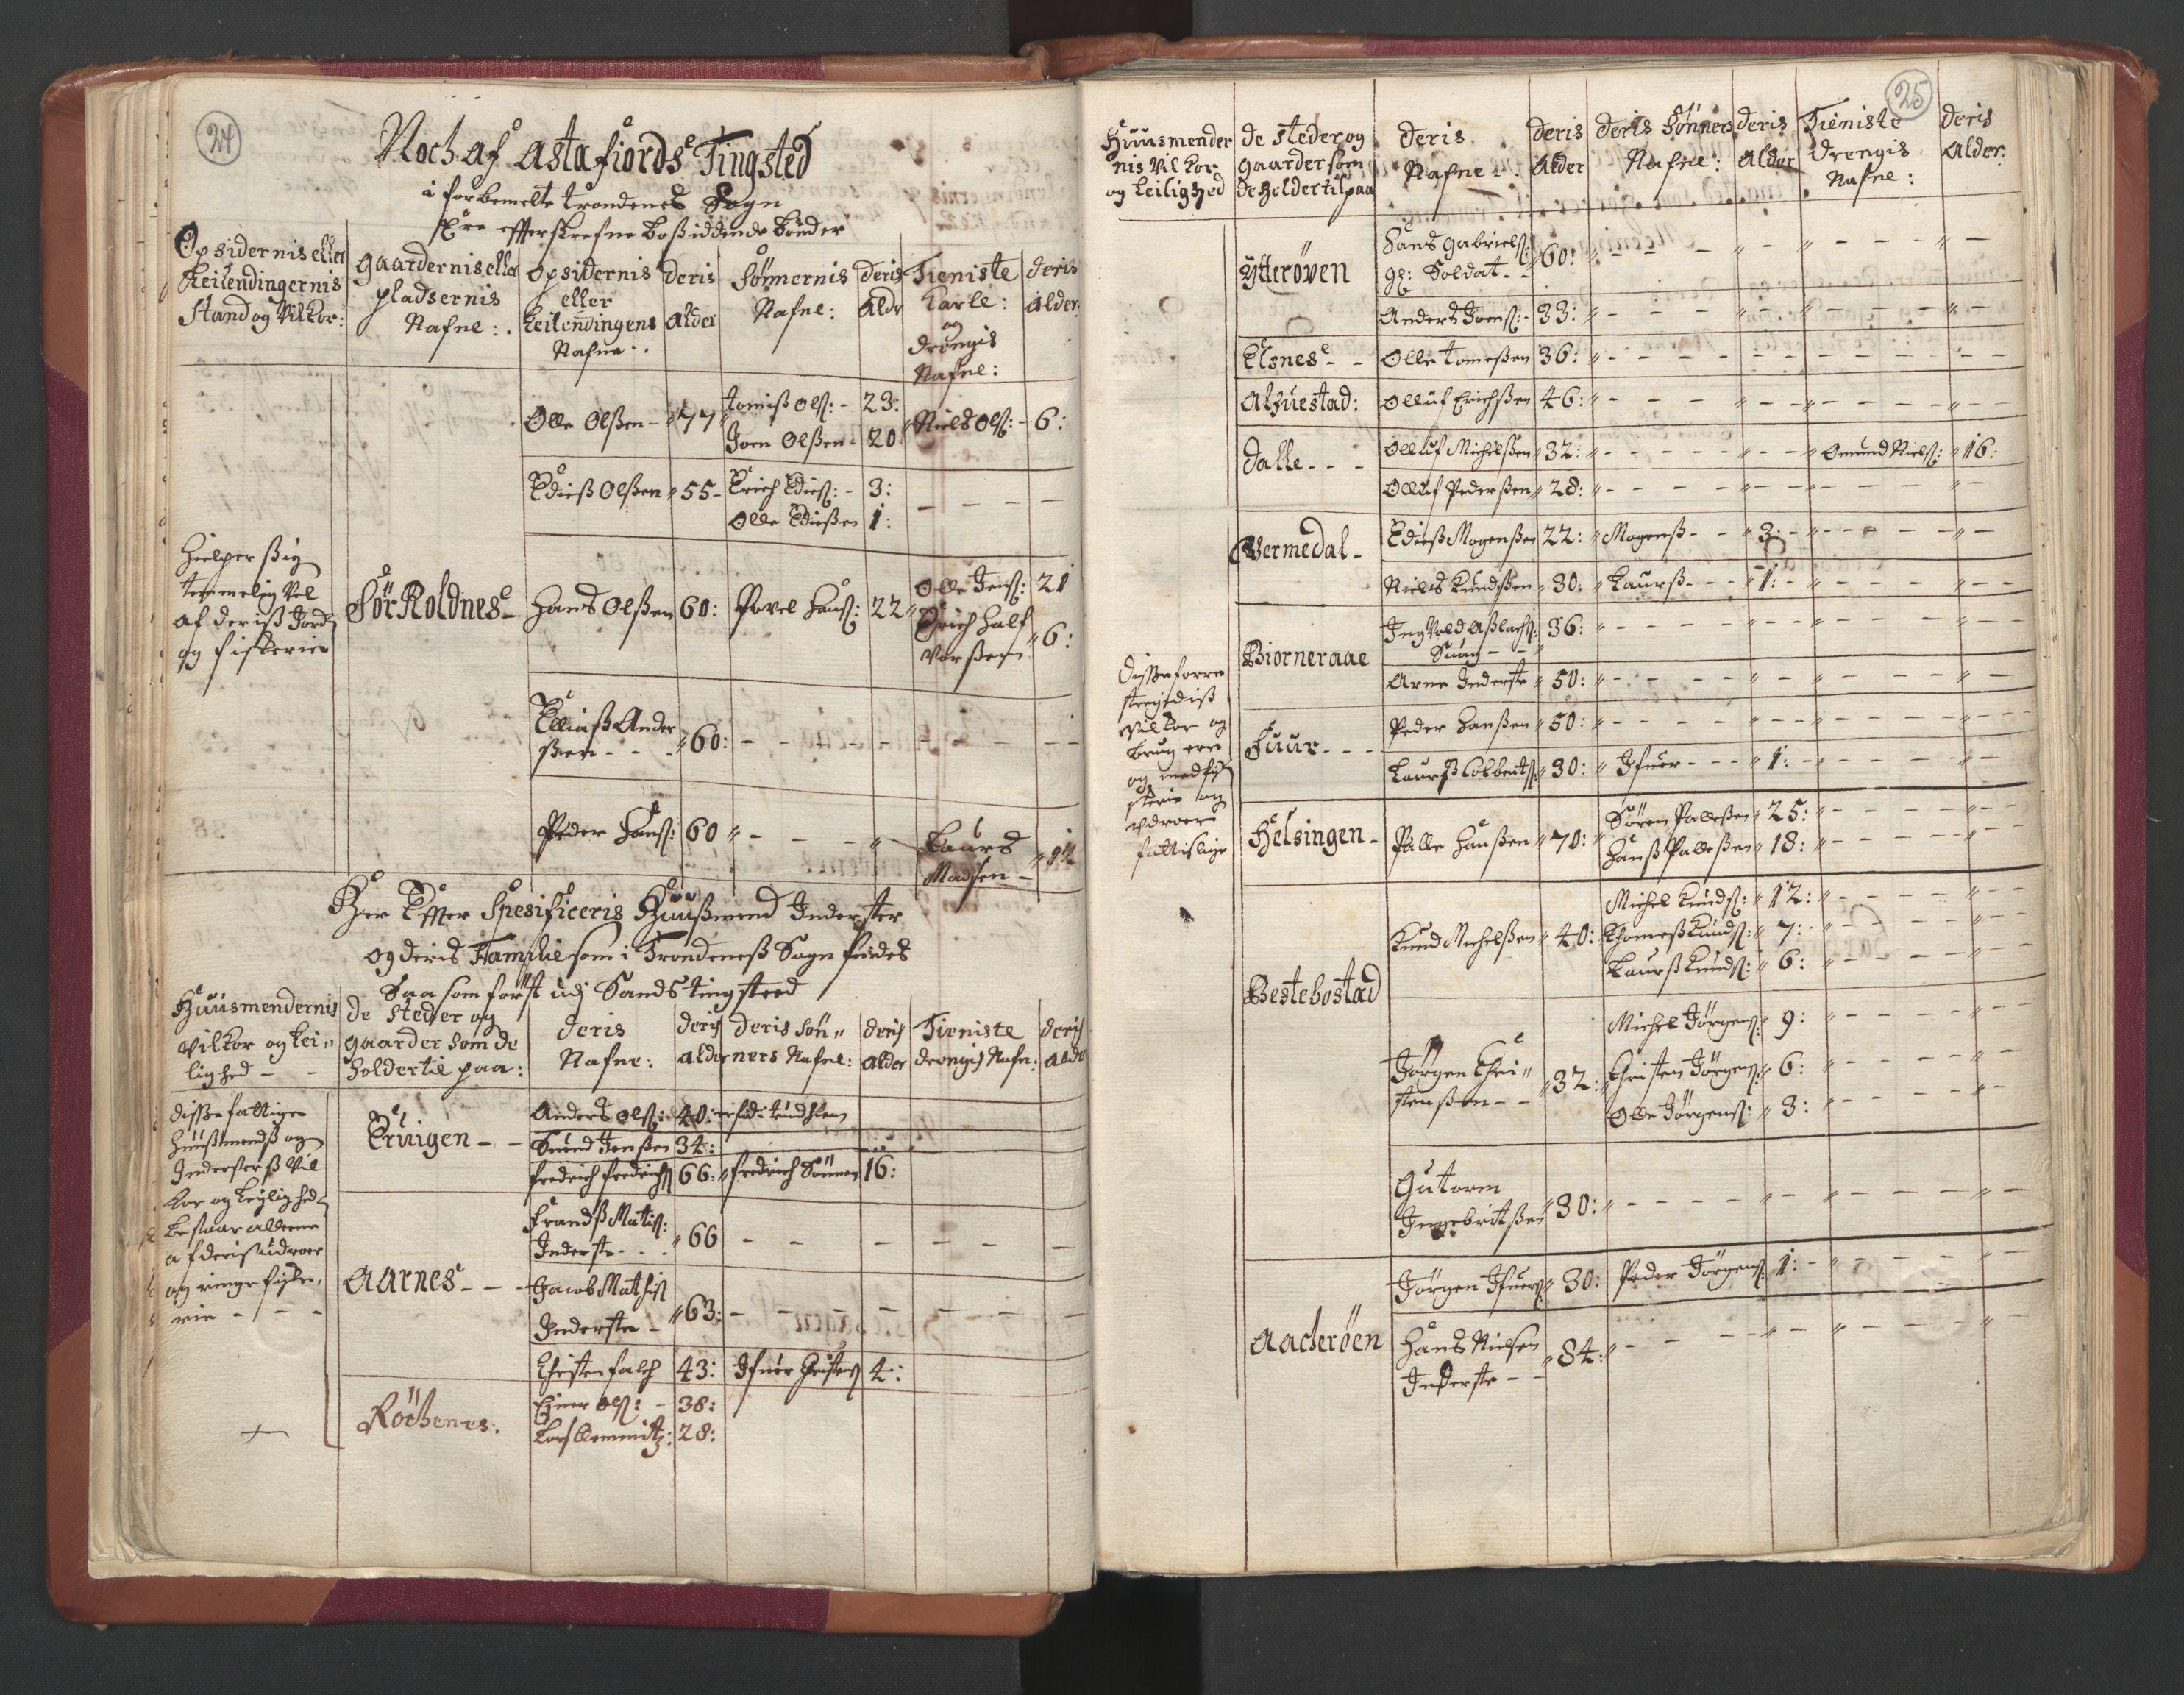 RA, Manntallet 1701, nr. 19: Senja og Tromsø fogderi, 1701, s. 24-25